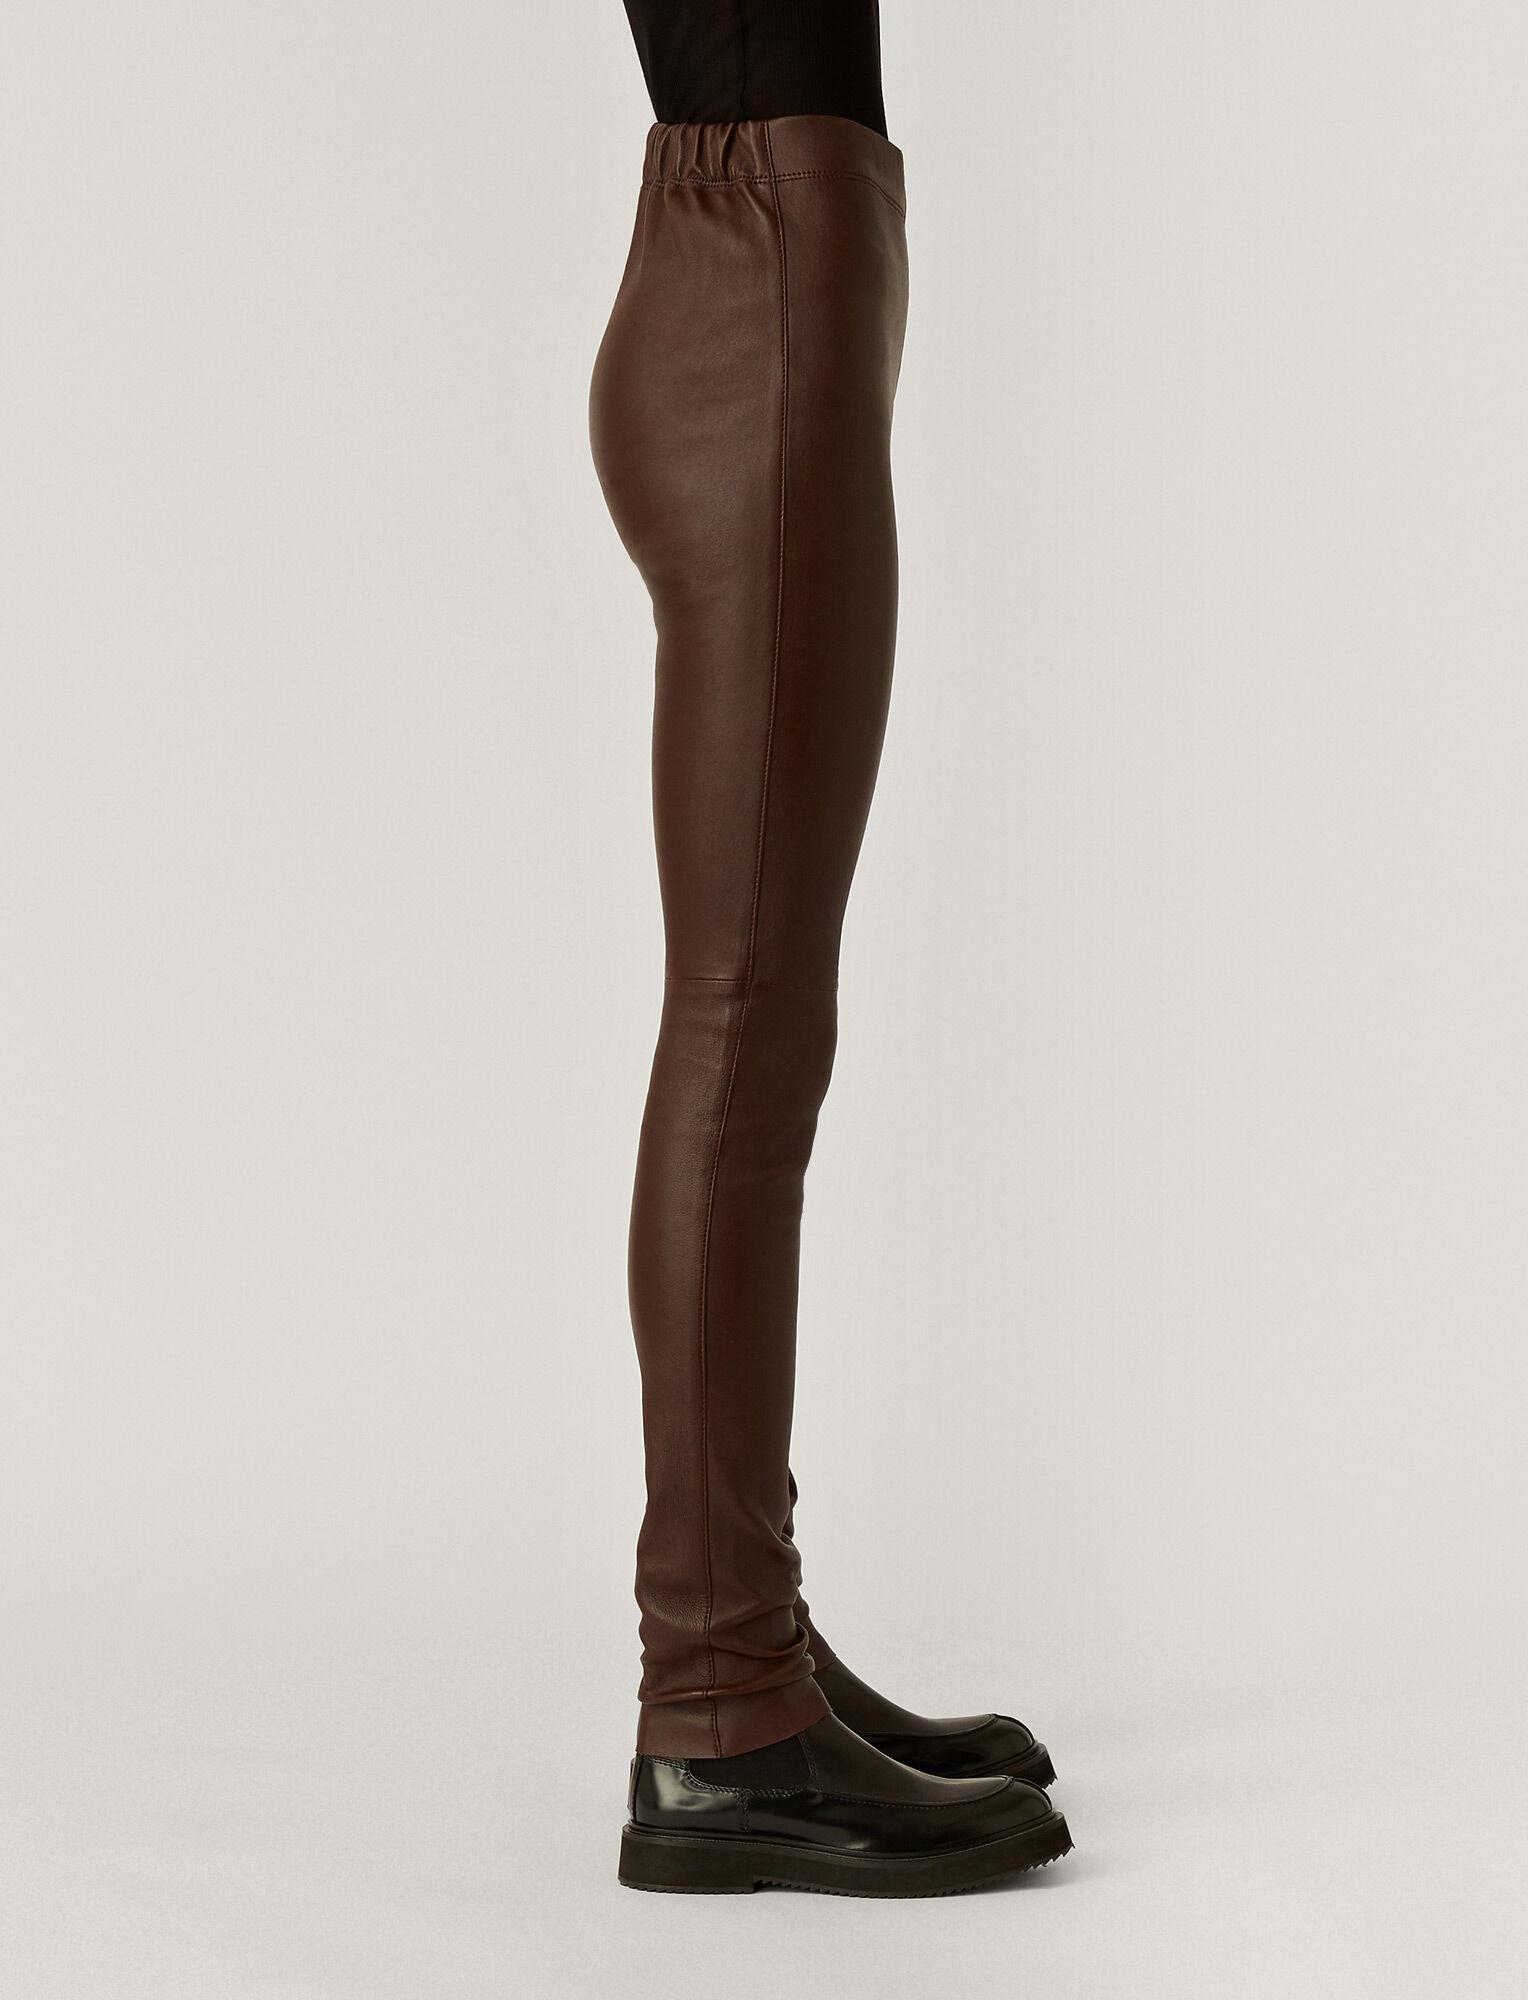 Joseph, Leather Stretch Legging, in Plum